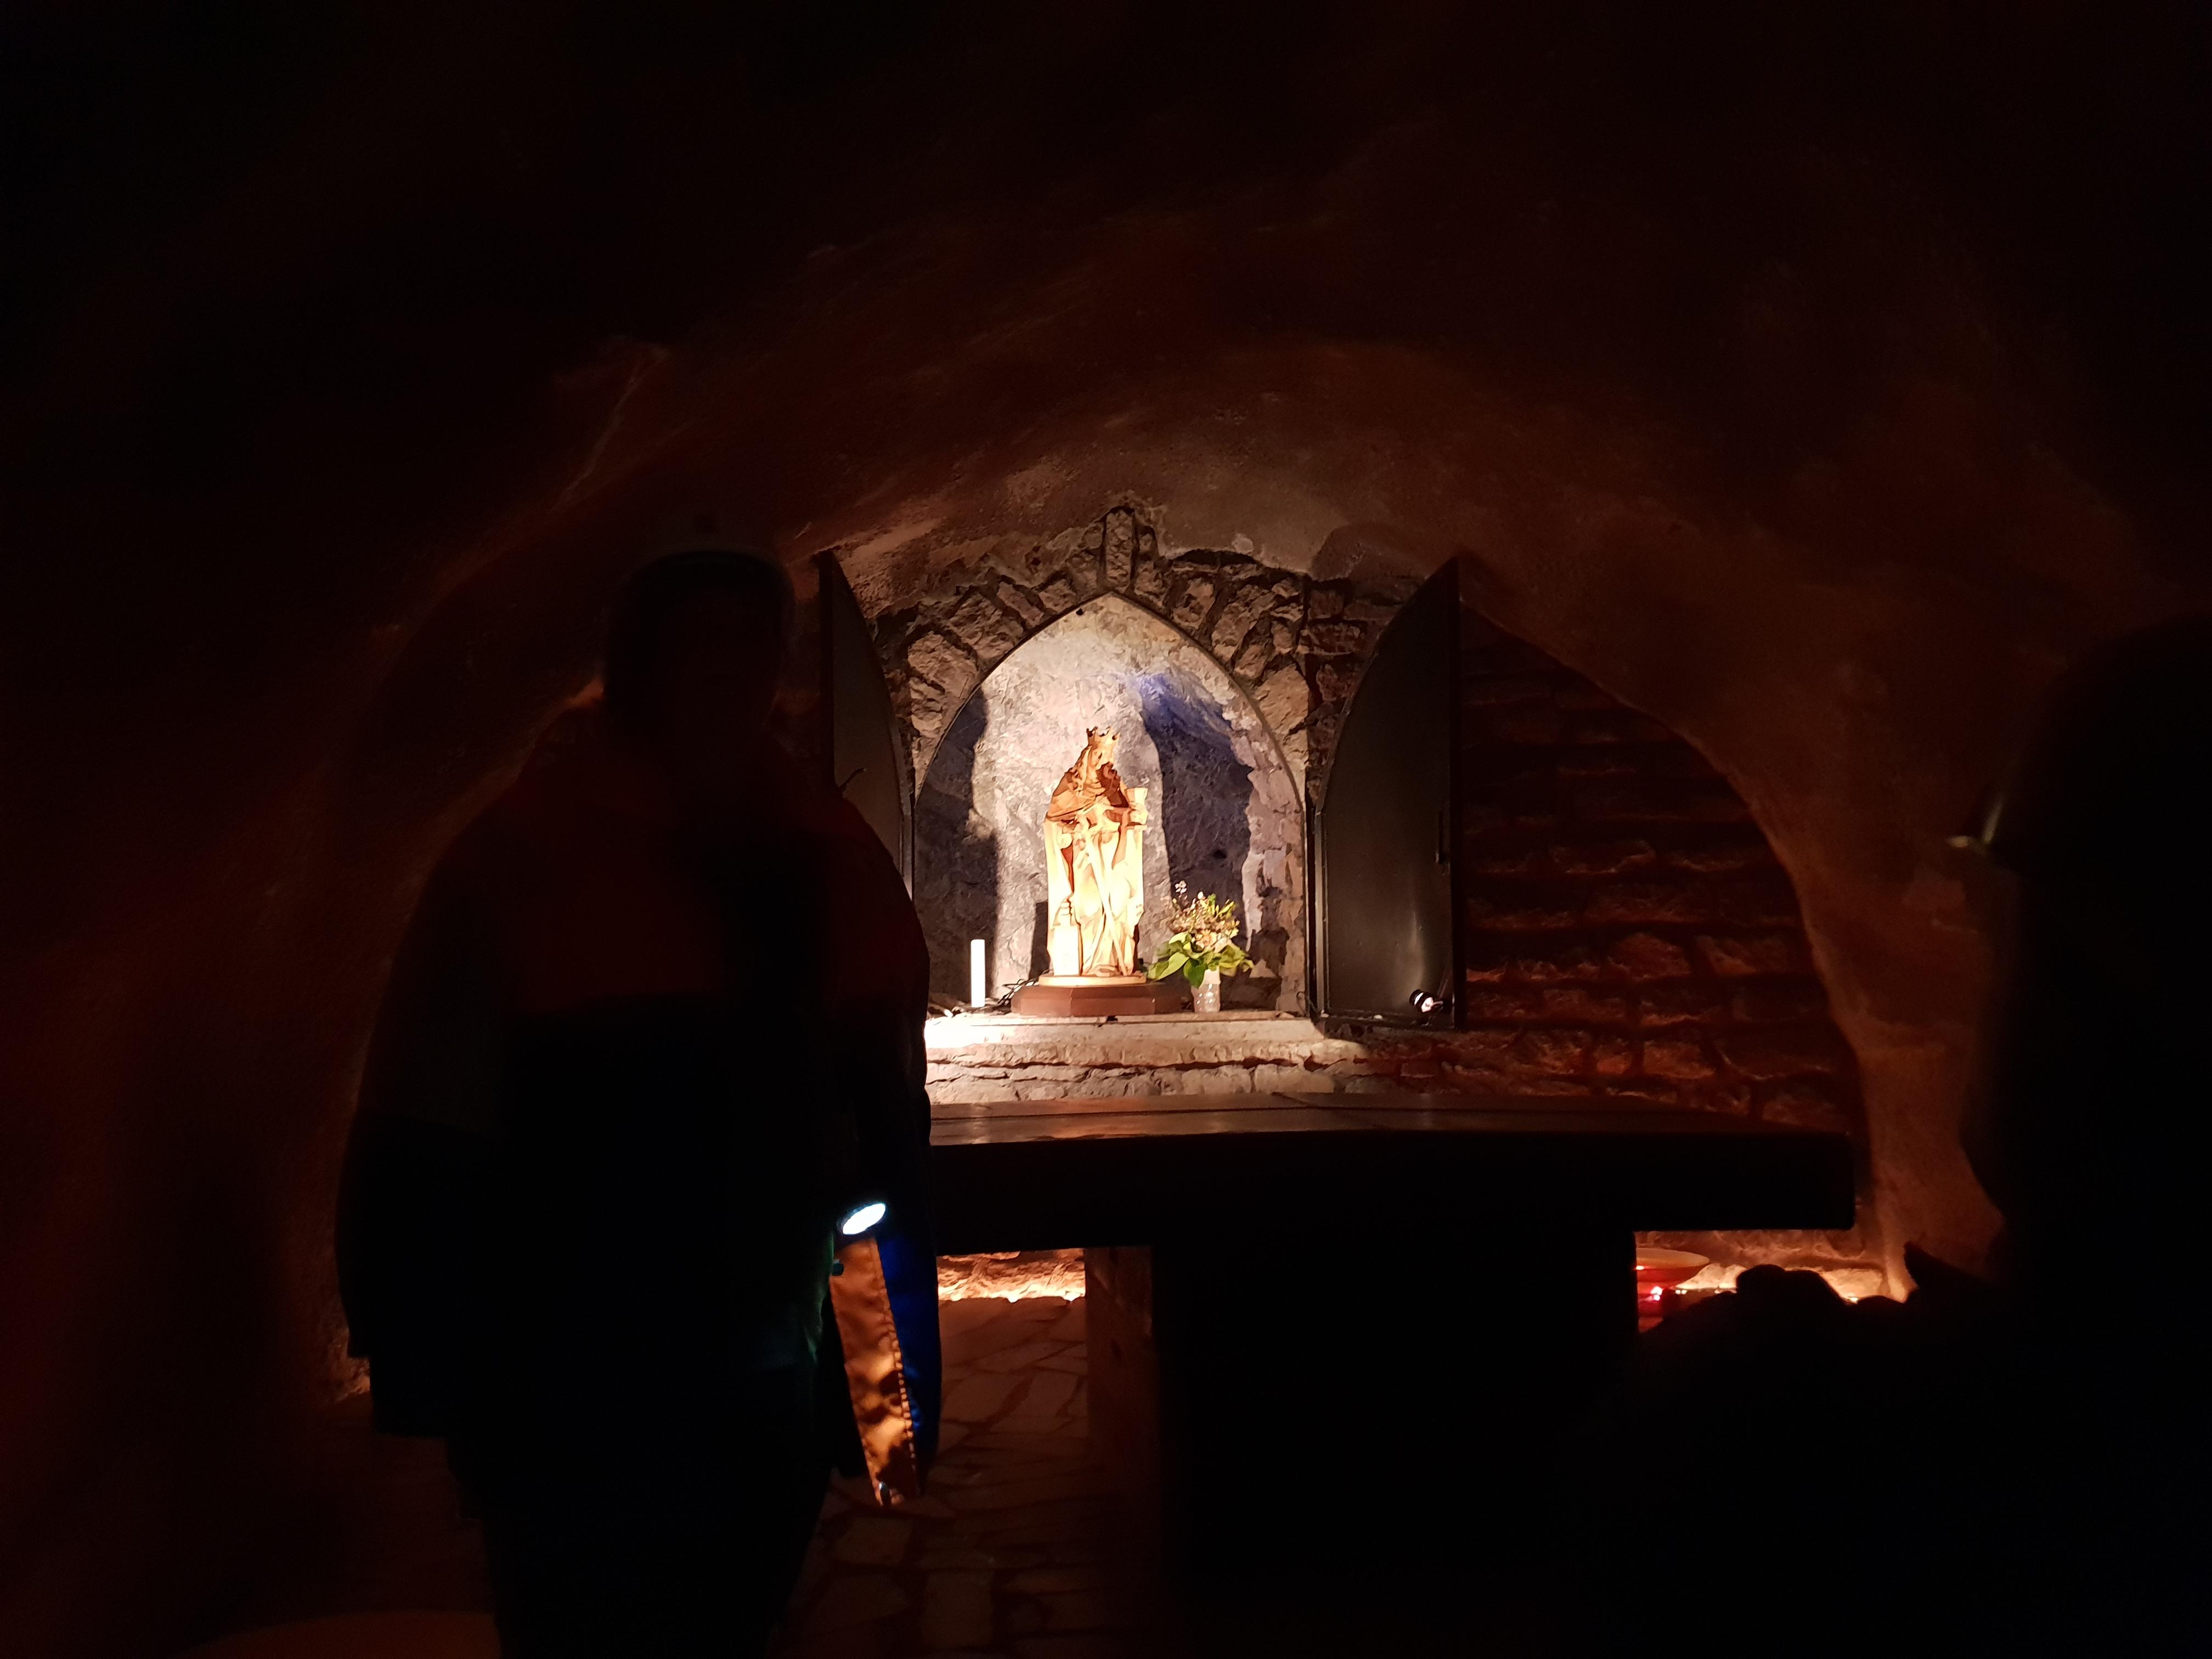 Nog een laatste zwaai naar Heilige Barbara, de beschermheilige van de mijnwerkers